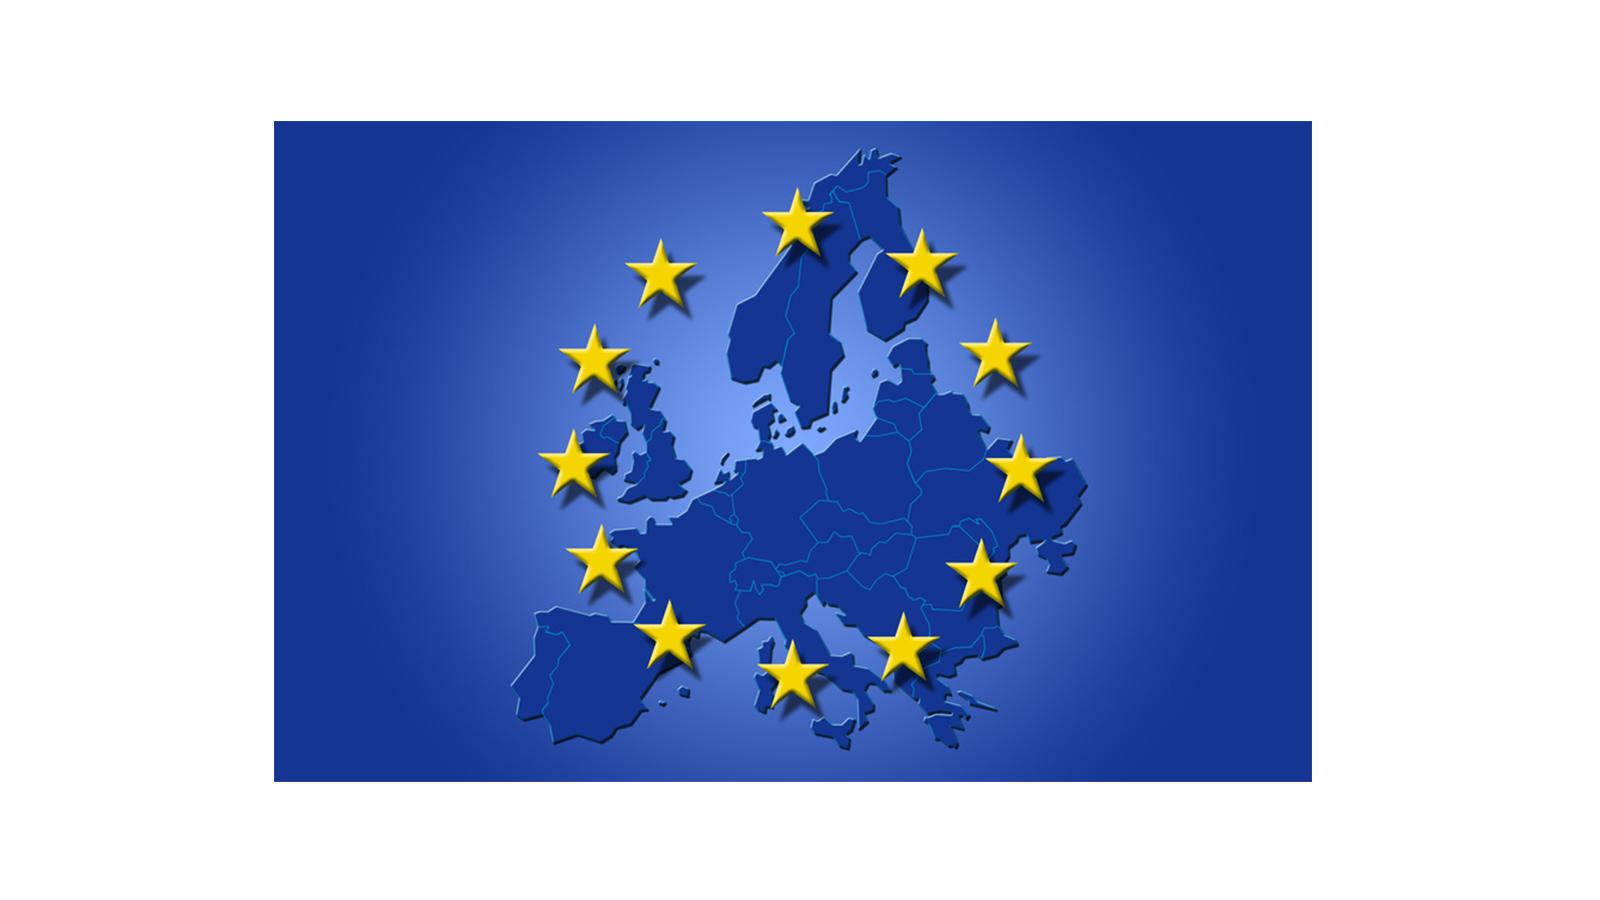 Monter un projet européen 2021 2027